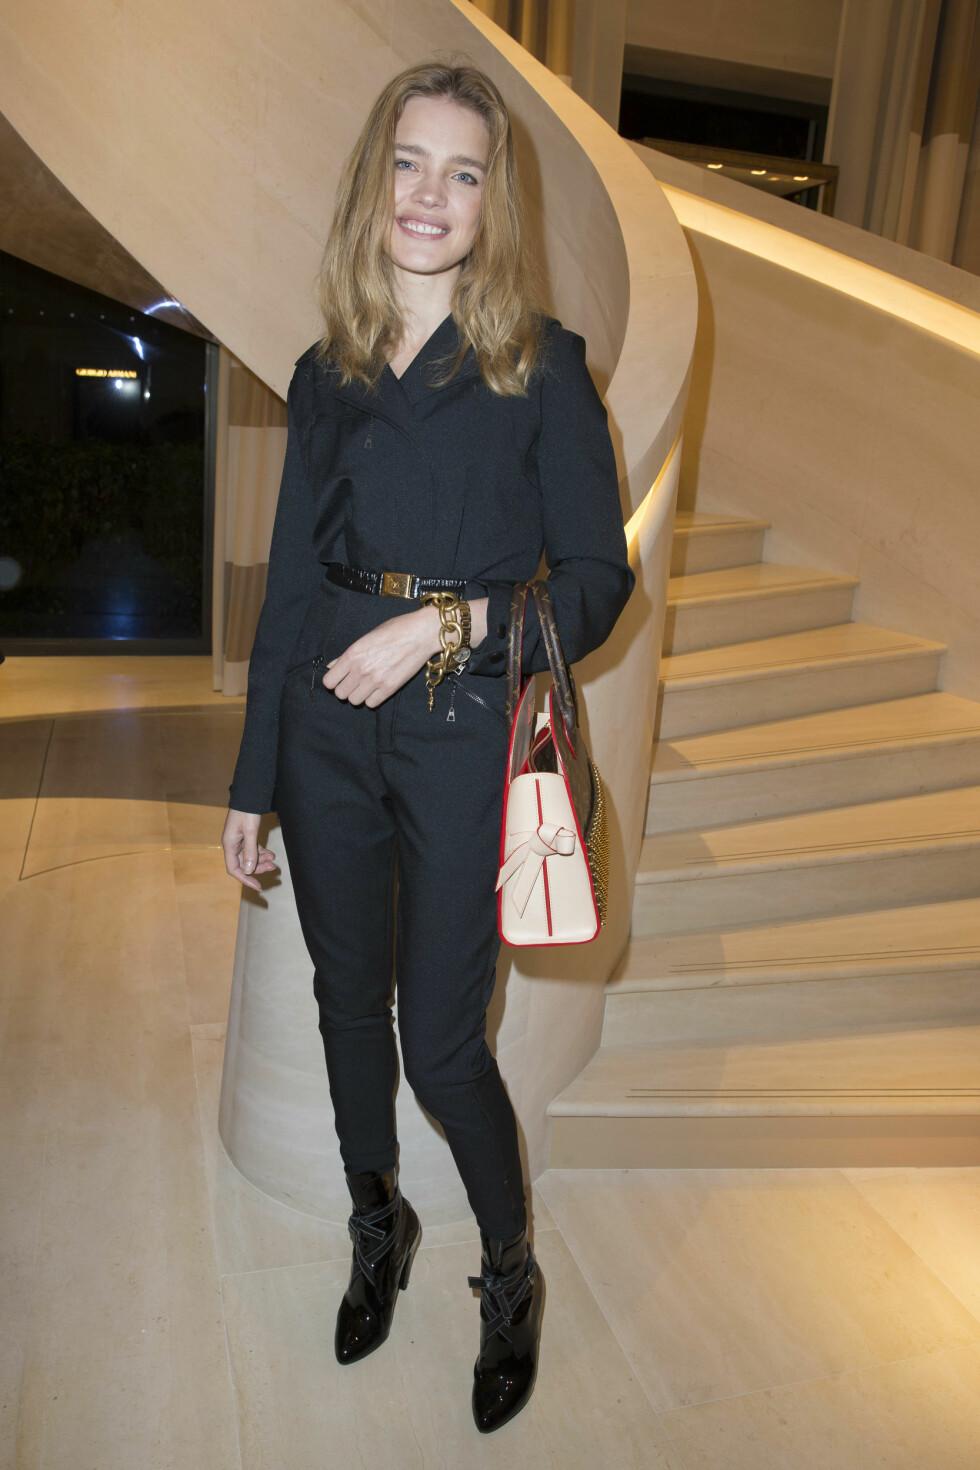 HEMMER HENNE IKKE: Selv om dietten er streng, påstår Vodianova at hun kan spise omtrent hva hun vil. Foto: Stella Pictures